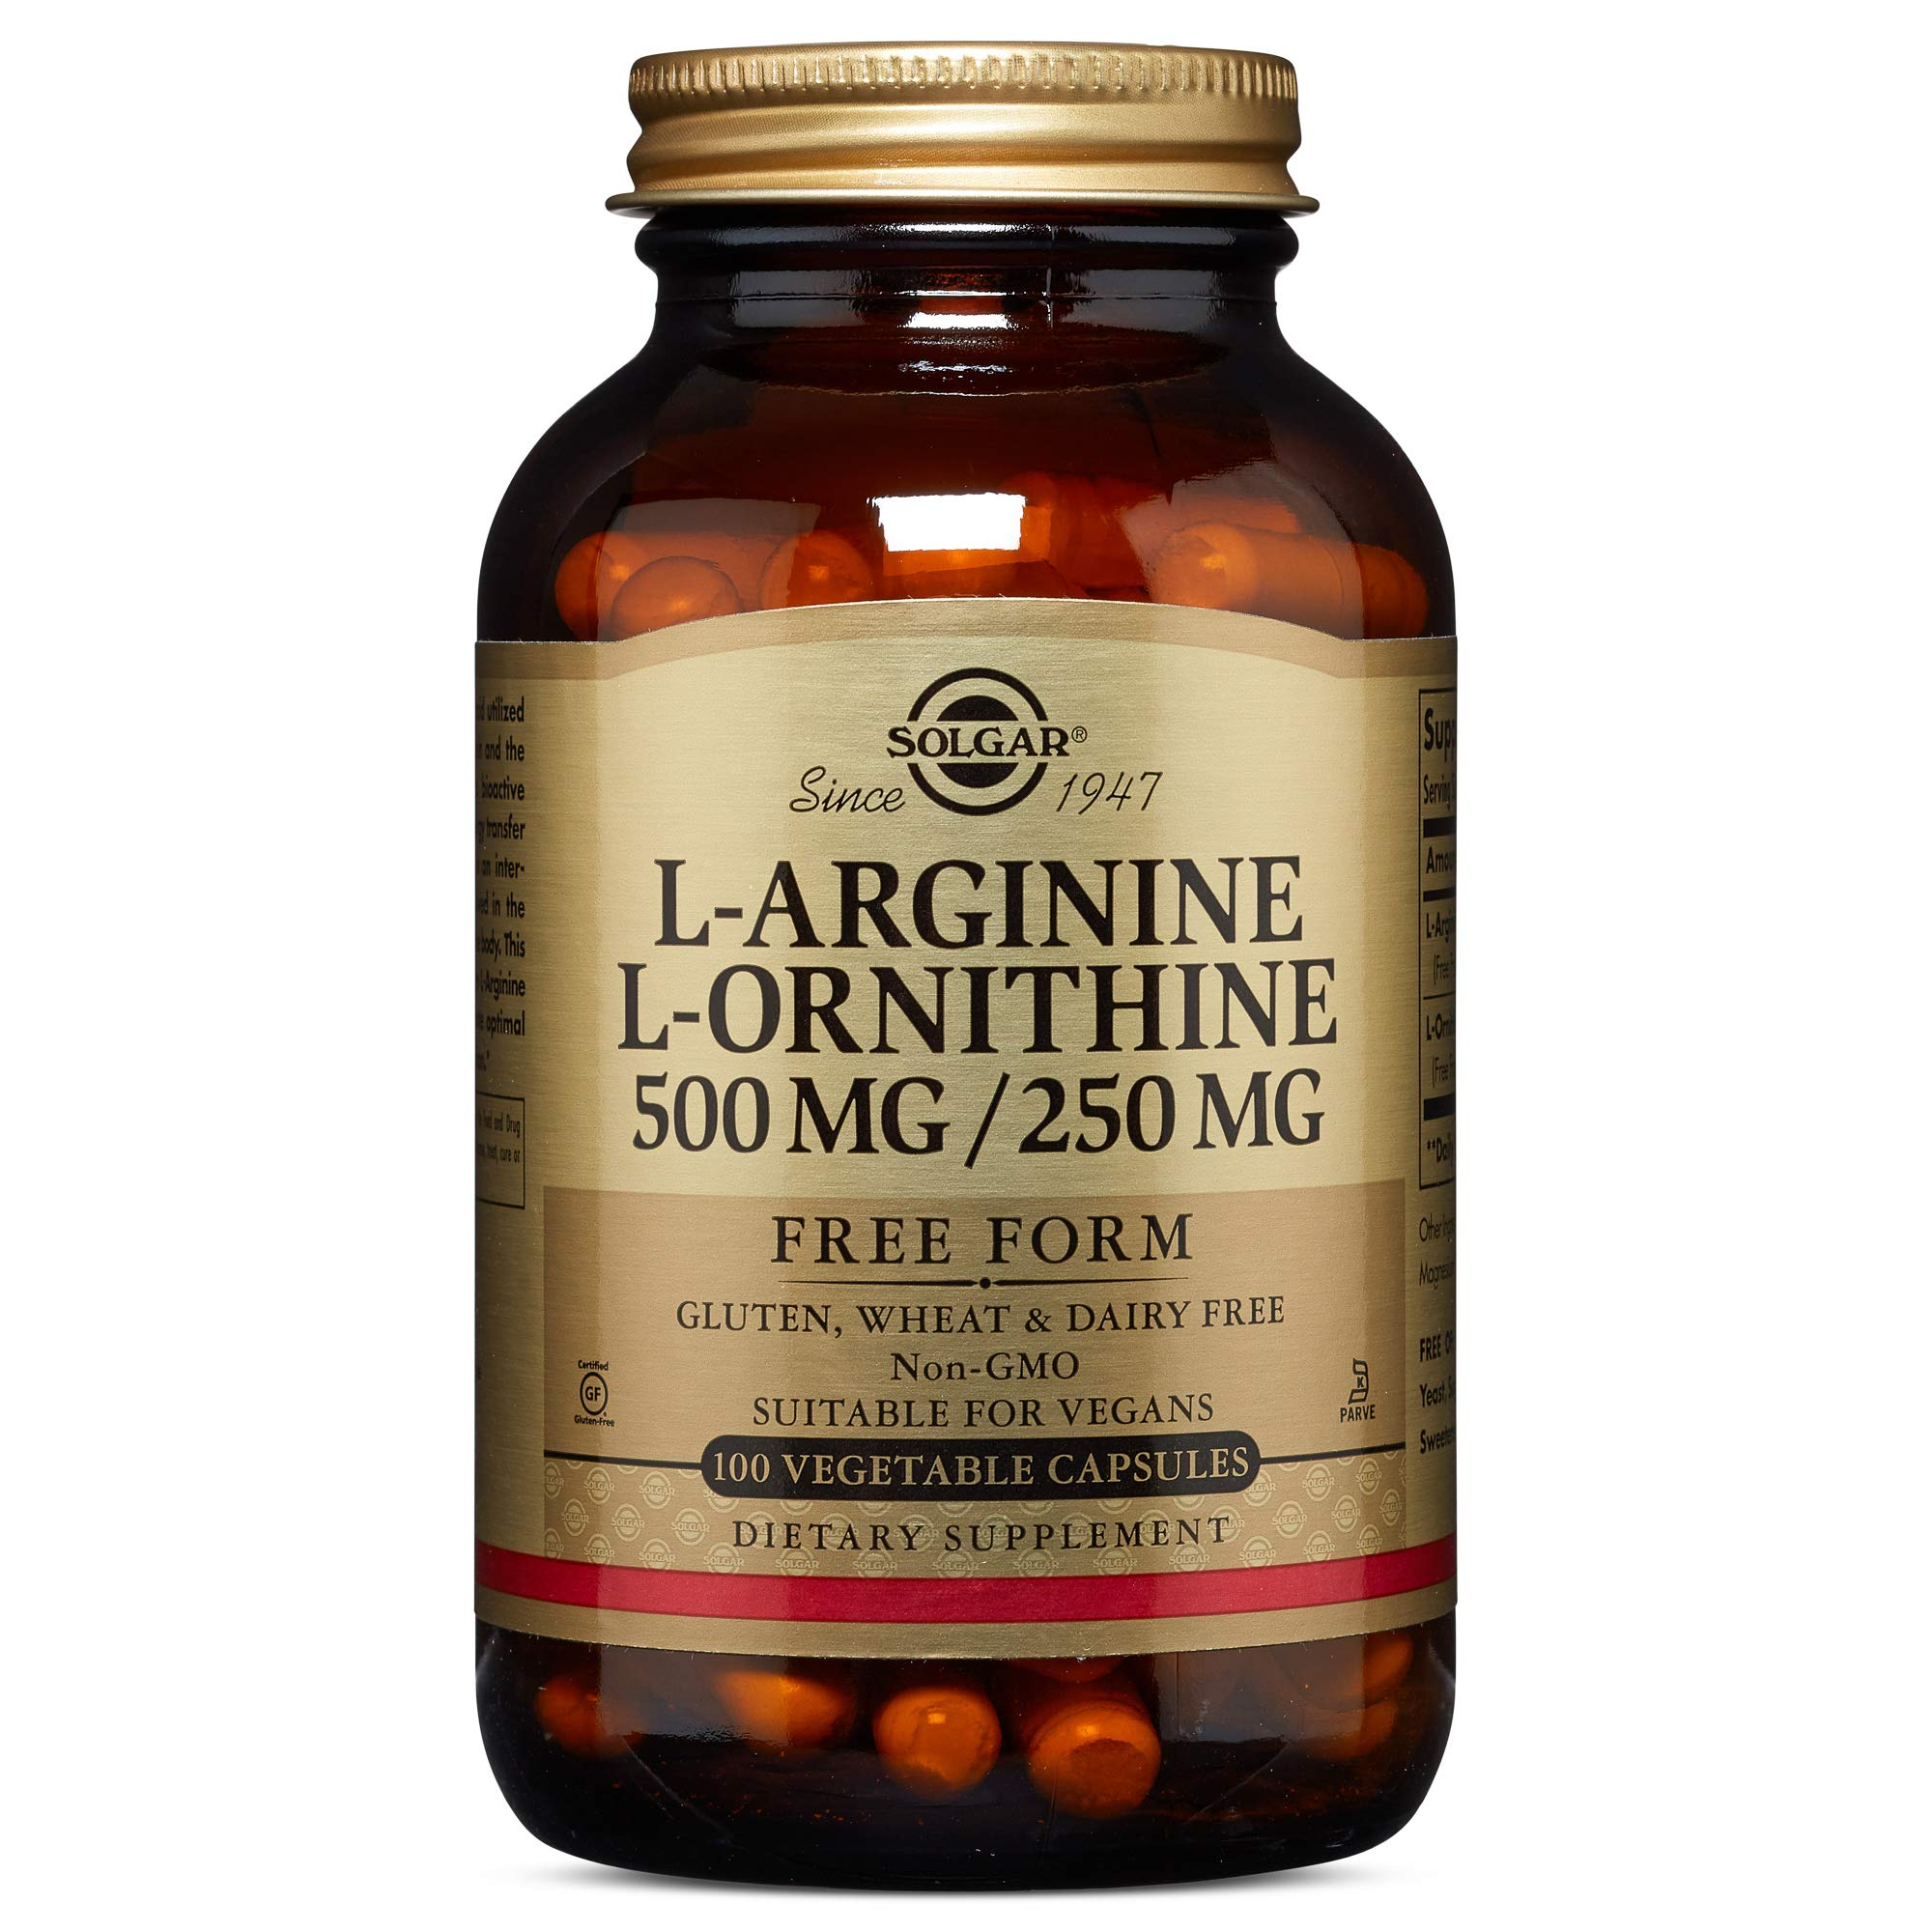 Solgar - L-Arginine/L-Ornithine 500/250 mg, 100 Vegetable Capsules by Solgar